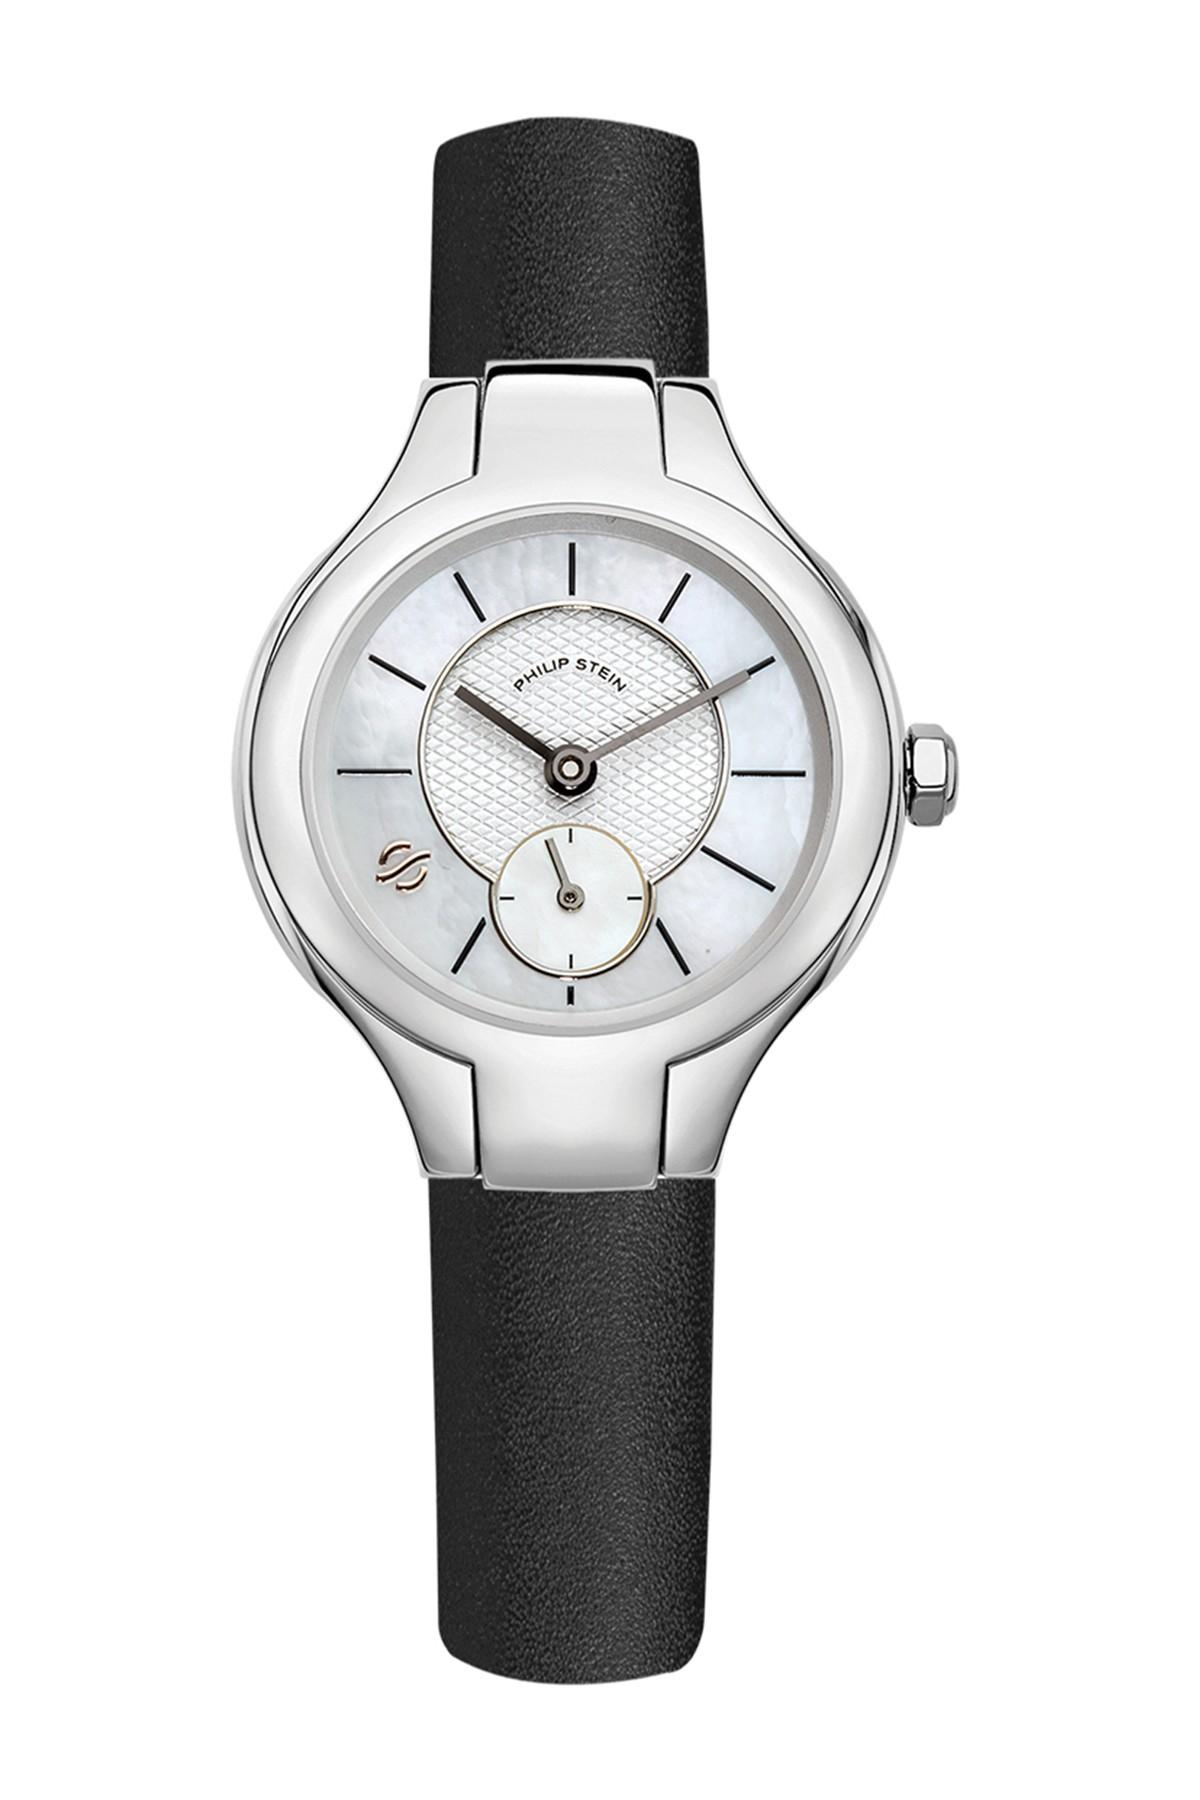 Philip stein women 39 s stainless steel quartz watch in black lyst for Philip stein watches